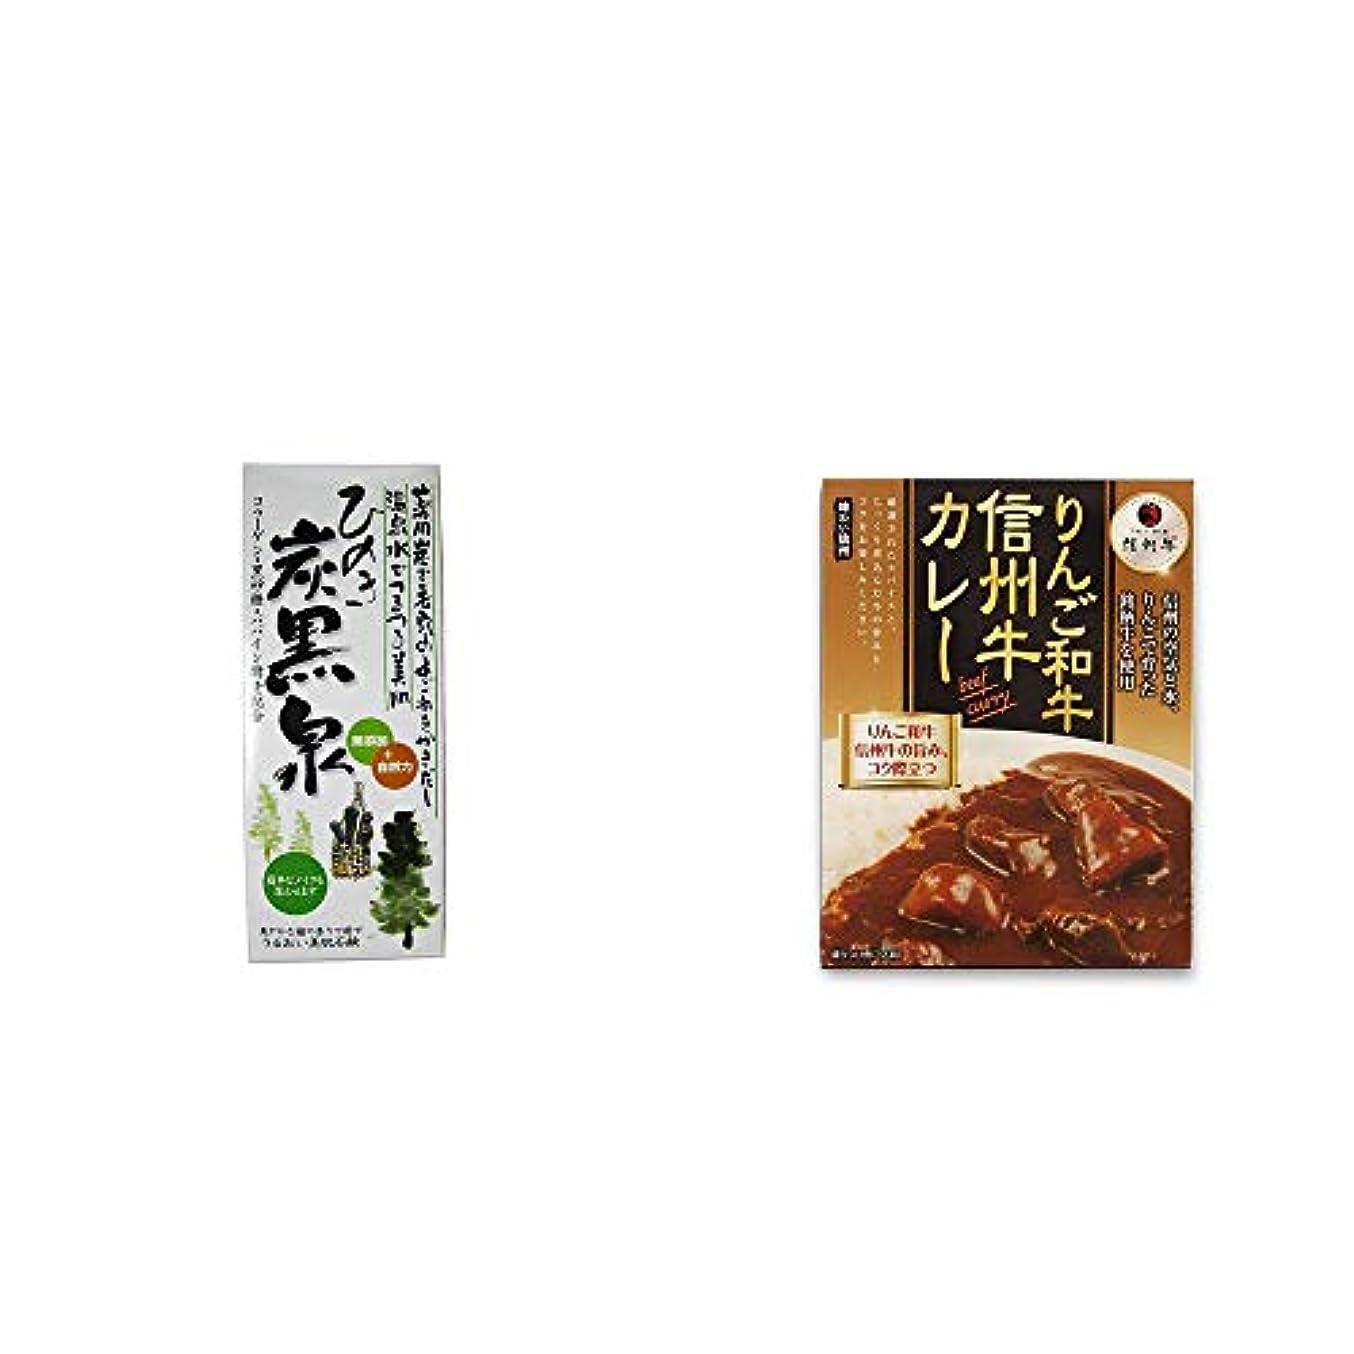 ポンプ資産逃す[2点セット] ひのき炭黒泉 箱入り(75g×3)?りんご和牛 信州牛カレー(1食分)